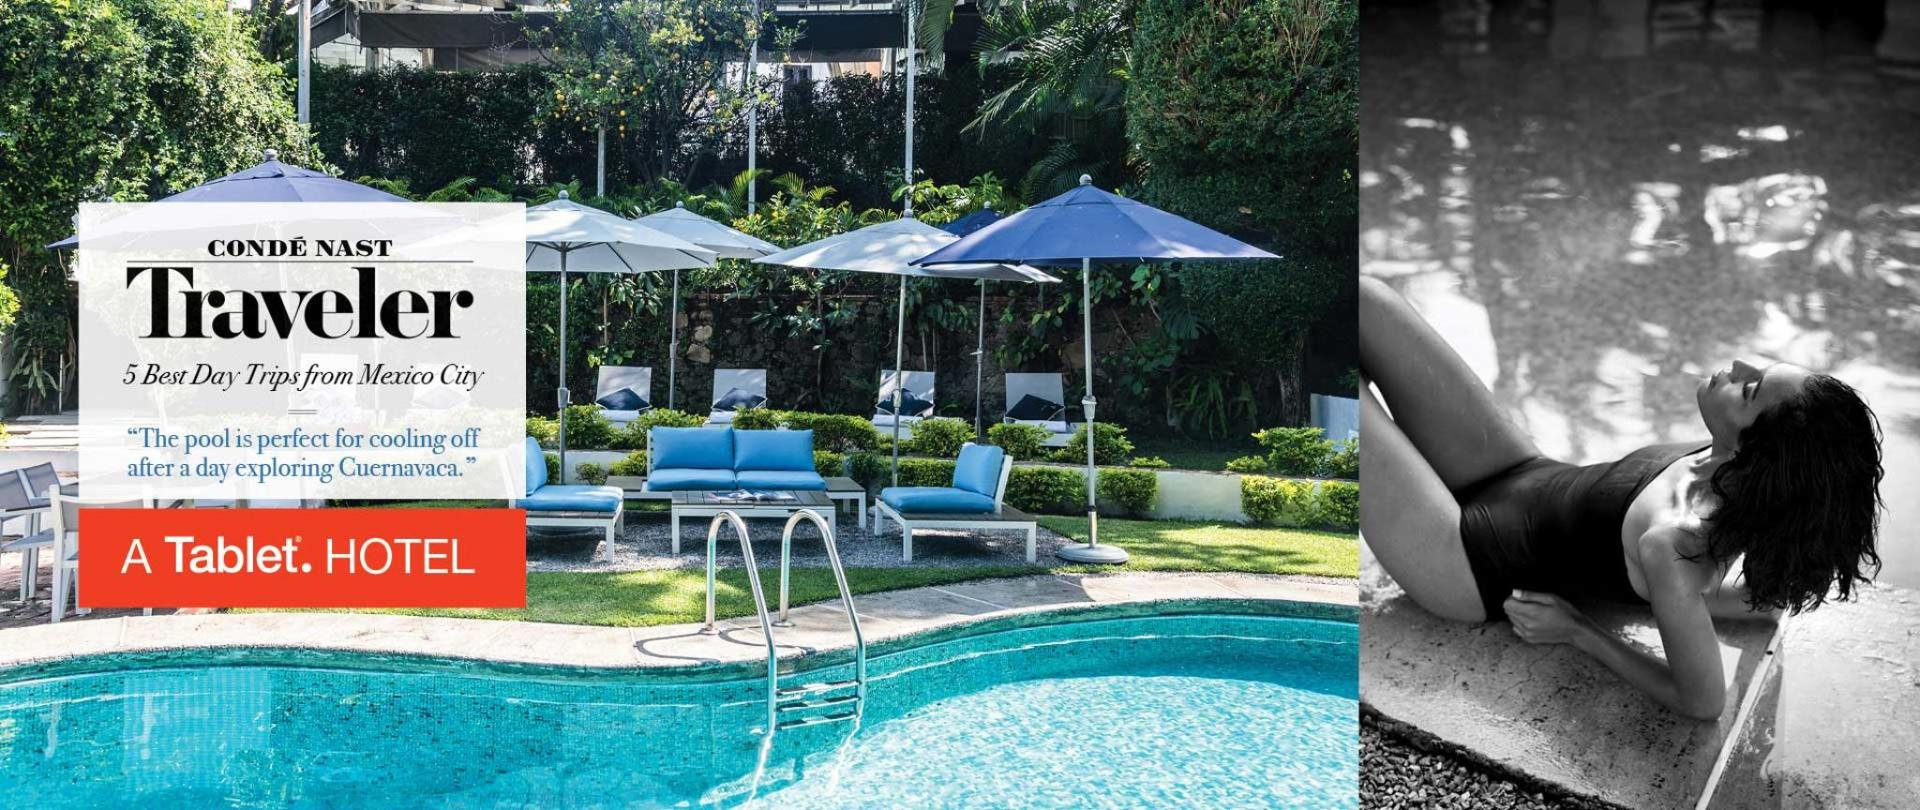 Piscina climatizada. Las Casas B+B Boutique Hotel, Spa & Restaurante. The best boutique bed and breakfast hotel in Cuernavac